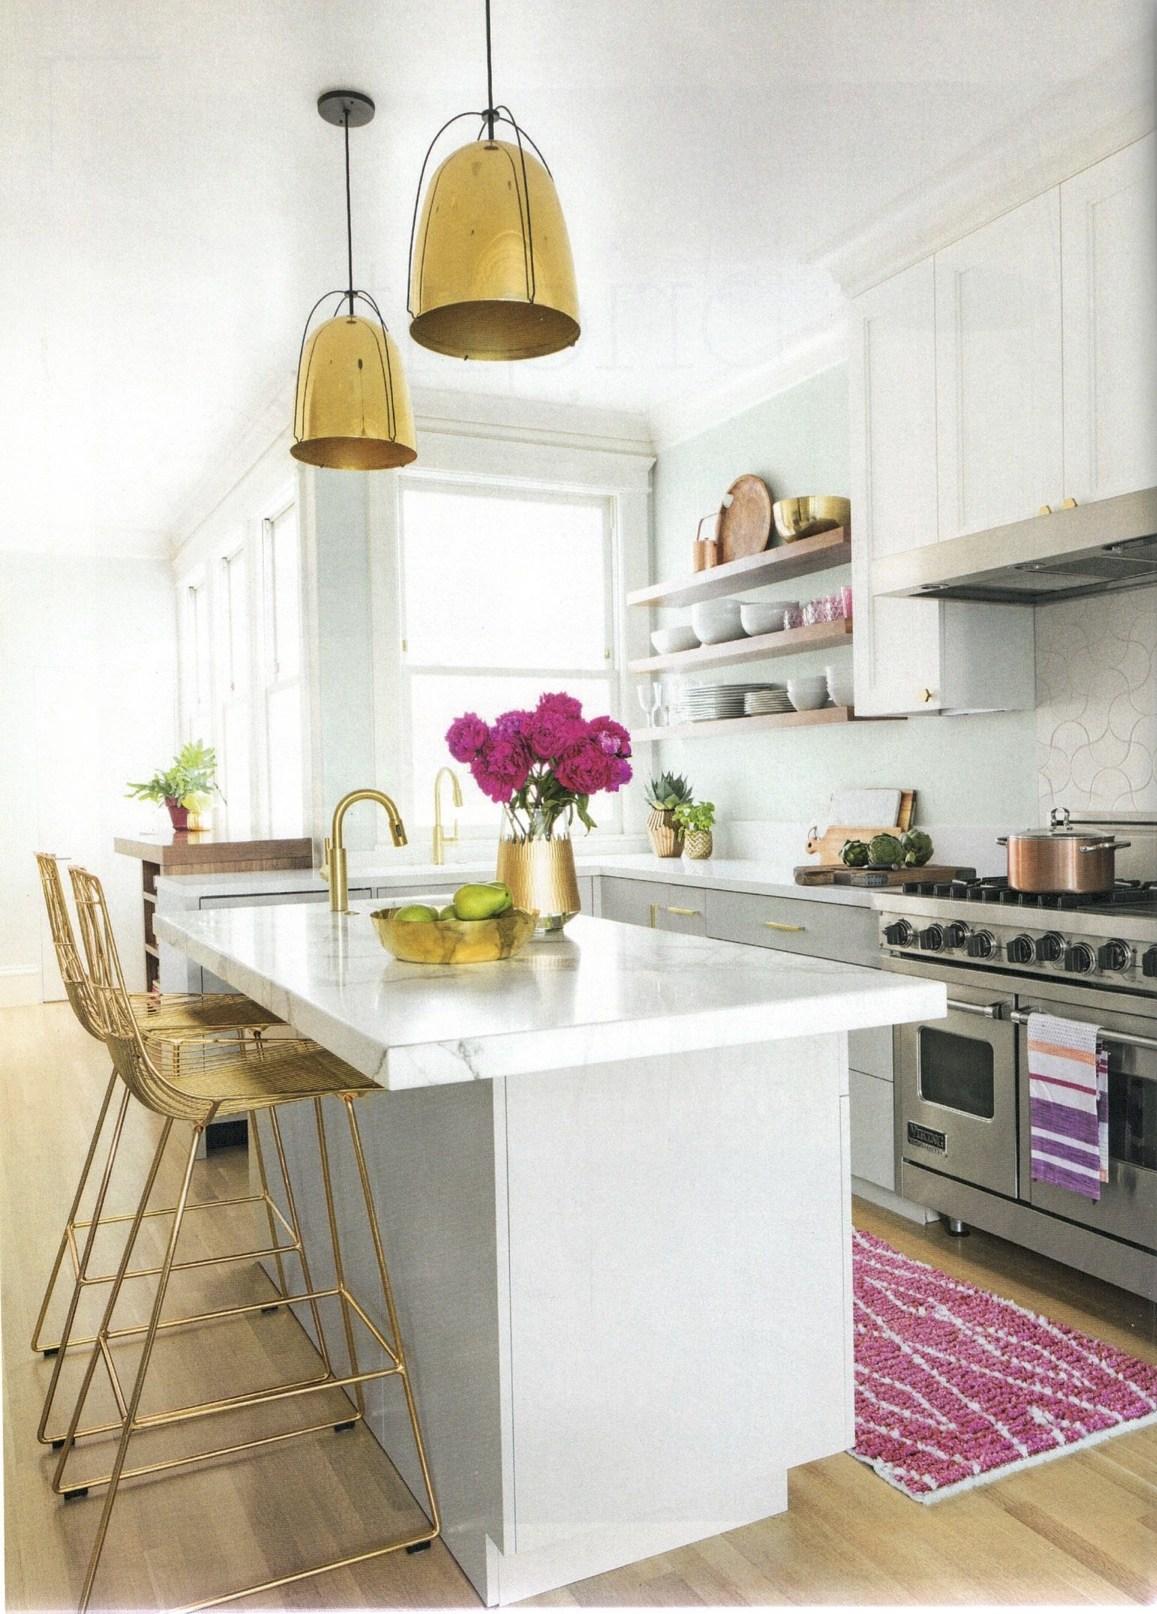 Phụ kiện trang trí cần thiết để tạo nên một phòng bếp quyến rũ - Ảnh 4.